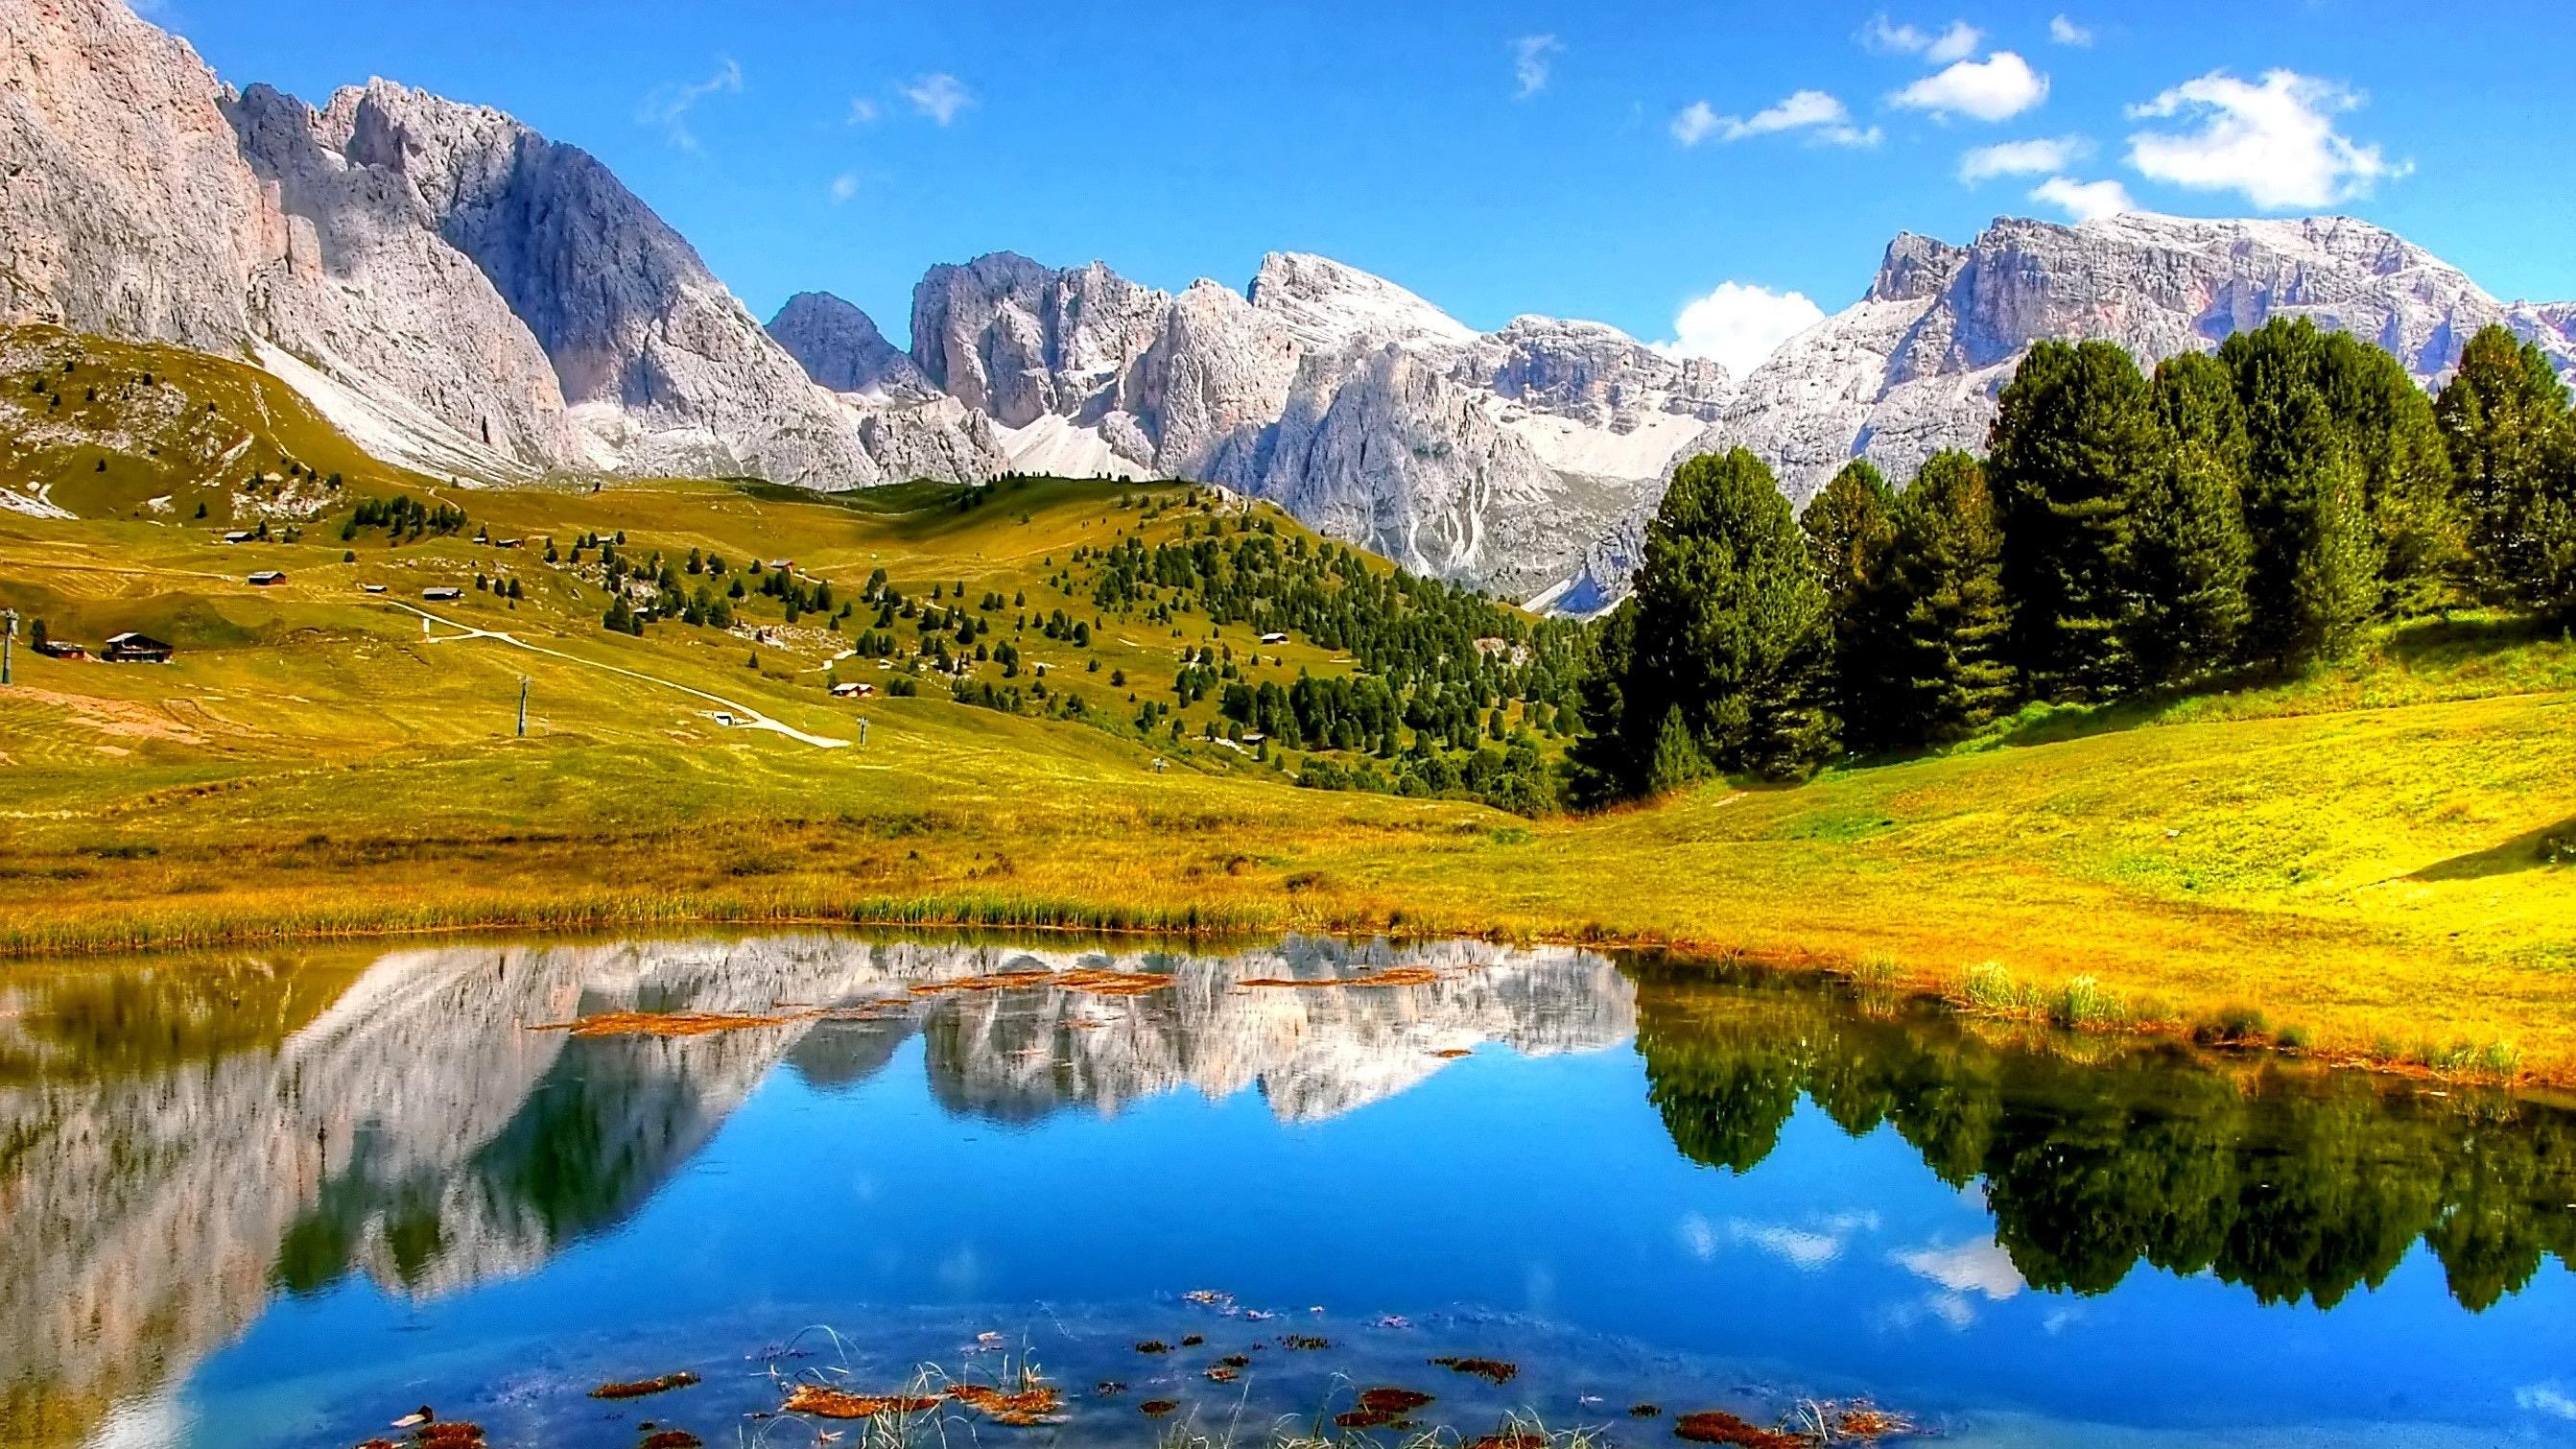 Landscape shot showing large depth of field